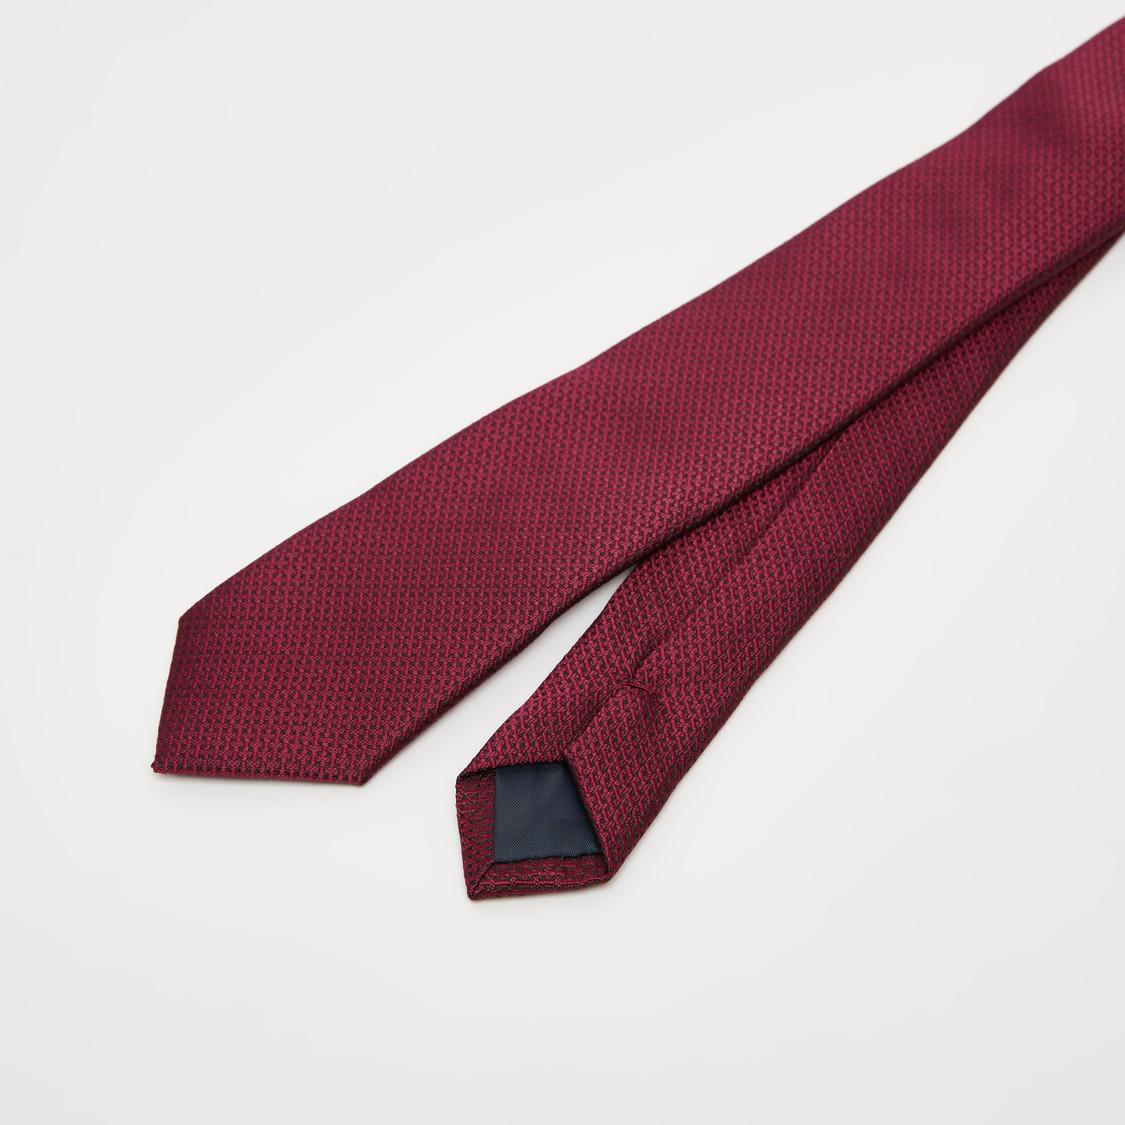 Textured Slim Tie with Keeper Loop